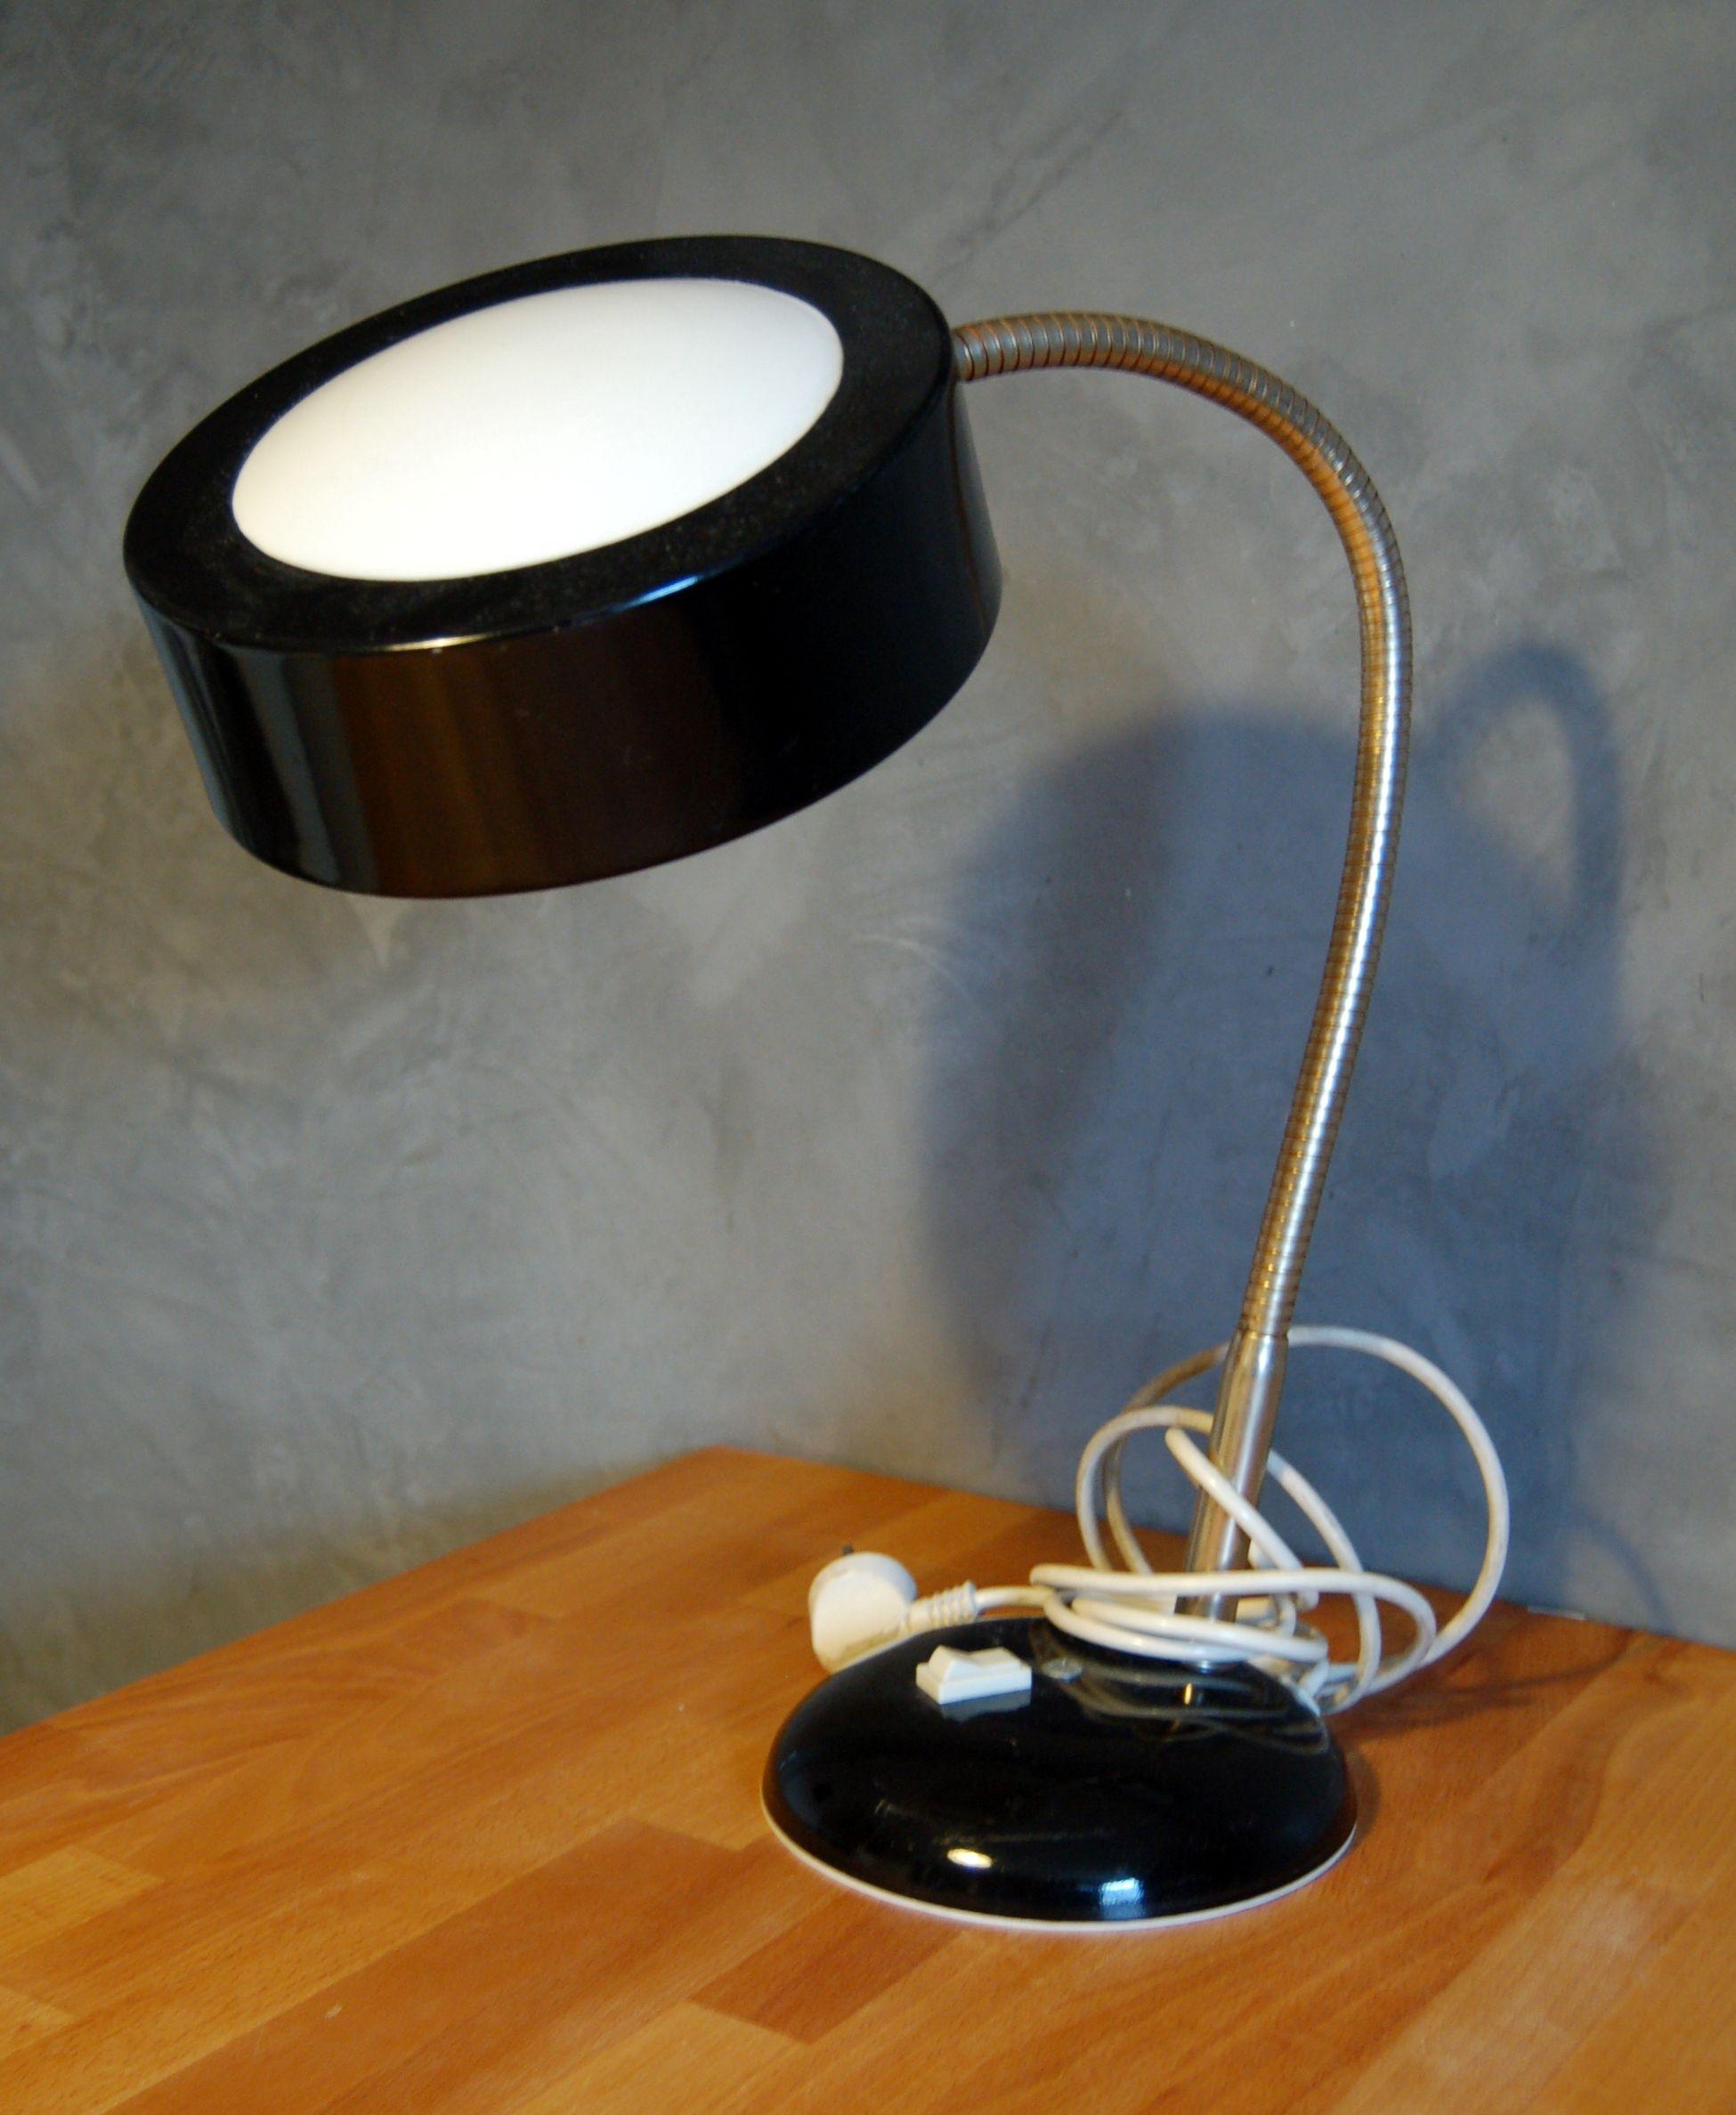 Résultat Supérieur 60 Unique Lampe Bureau Cuivre s 2018 Iqt4